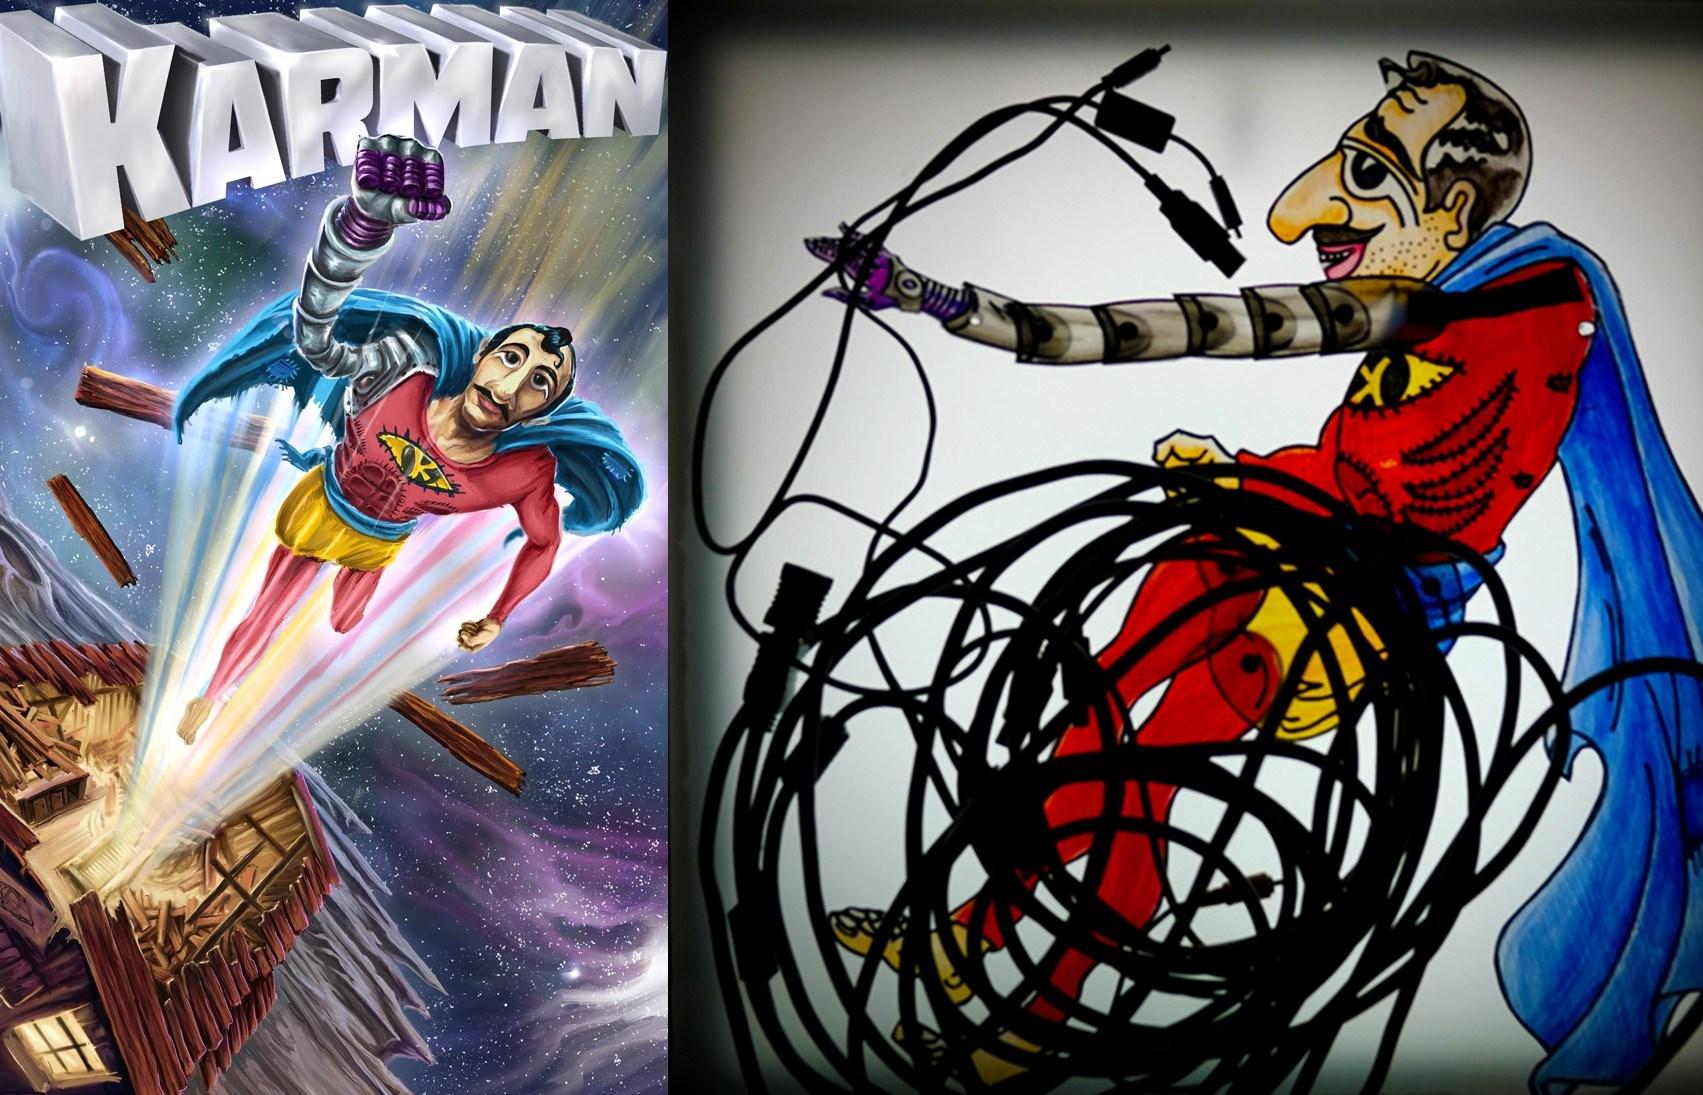 5€ από 8€ για είσοδο στον ''Karman'' τον Super Καραγκιόζη, ένα σύγχρονο σούπερ ήρωα που εντυπωσιάζει με την υπερδύναμη του χιούμορ του, στο Θέατρο ΠΚ στο Ν.Κόσμο εικόνα